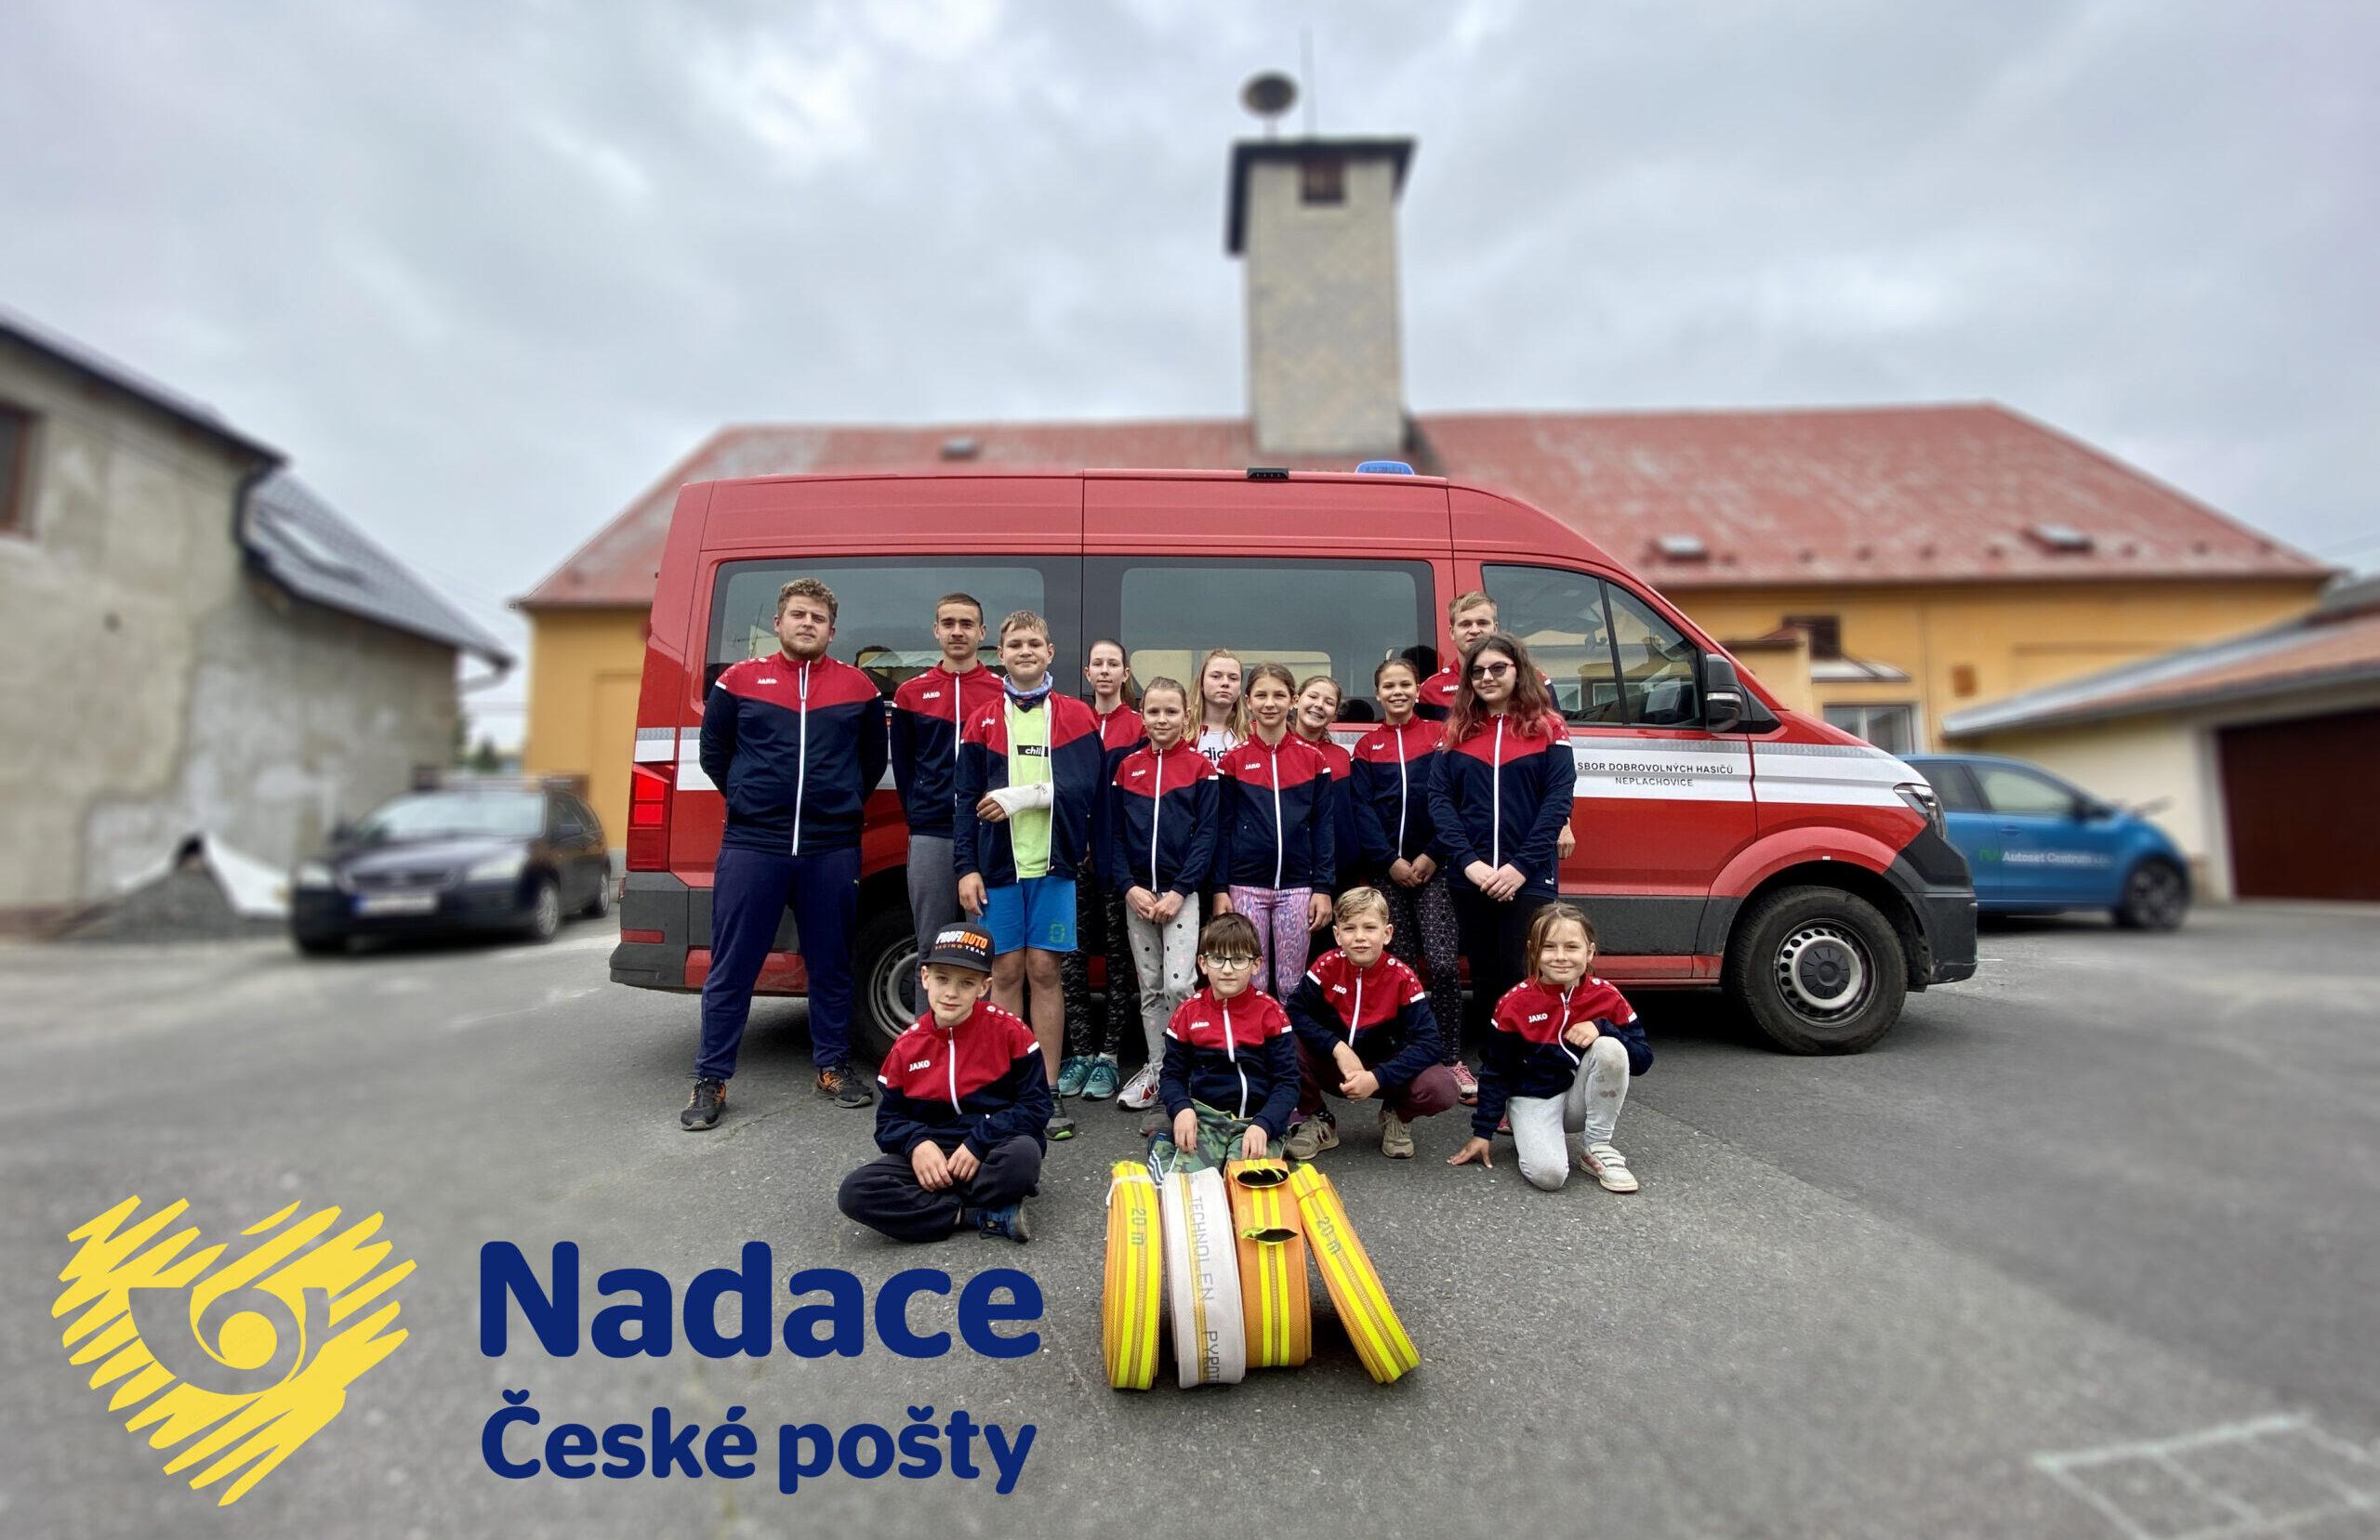 Hadice z Nadace České pošty